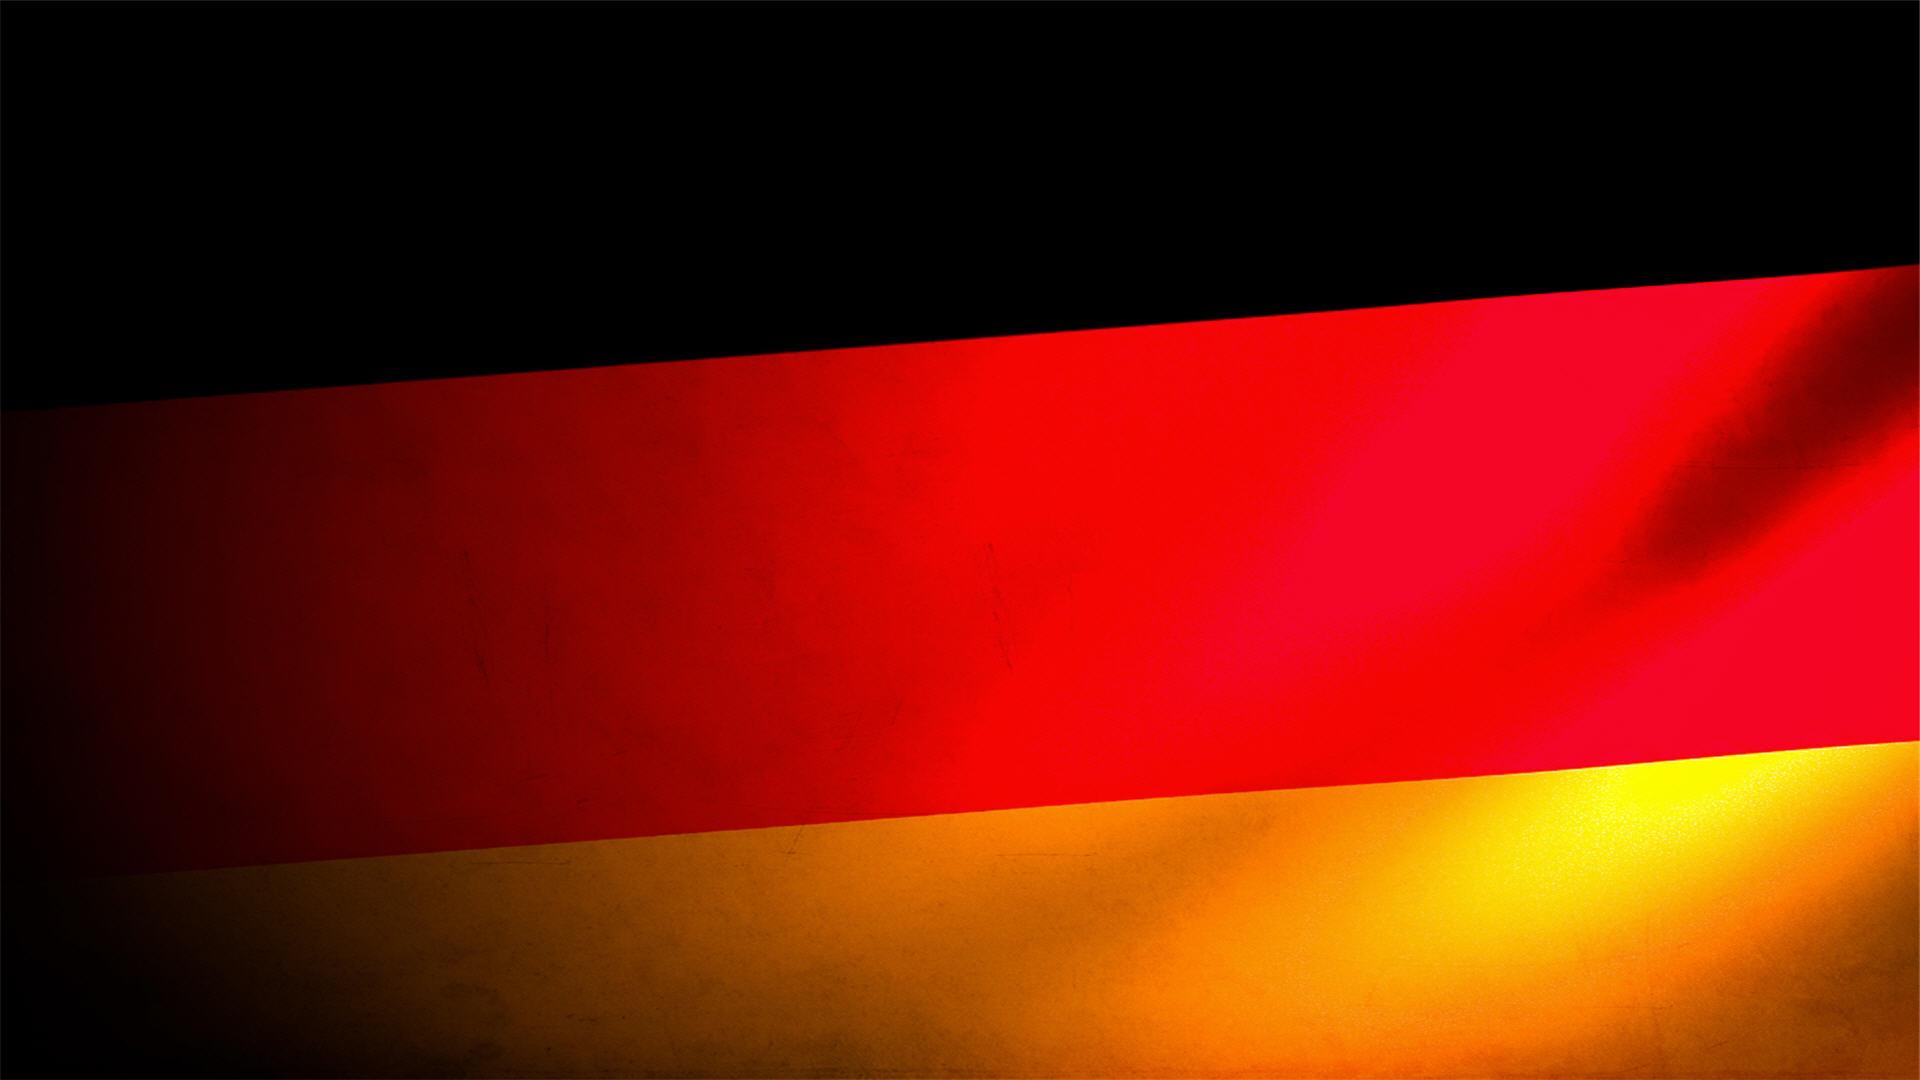 German Flag Wallpaper HD 1920x1080 6392 1920x1080